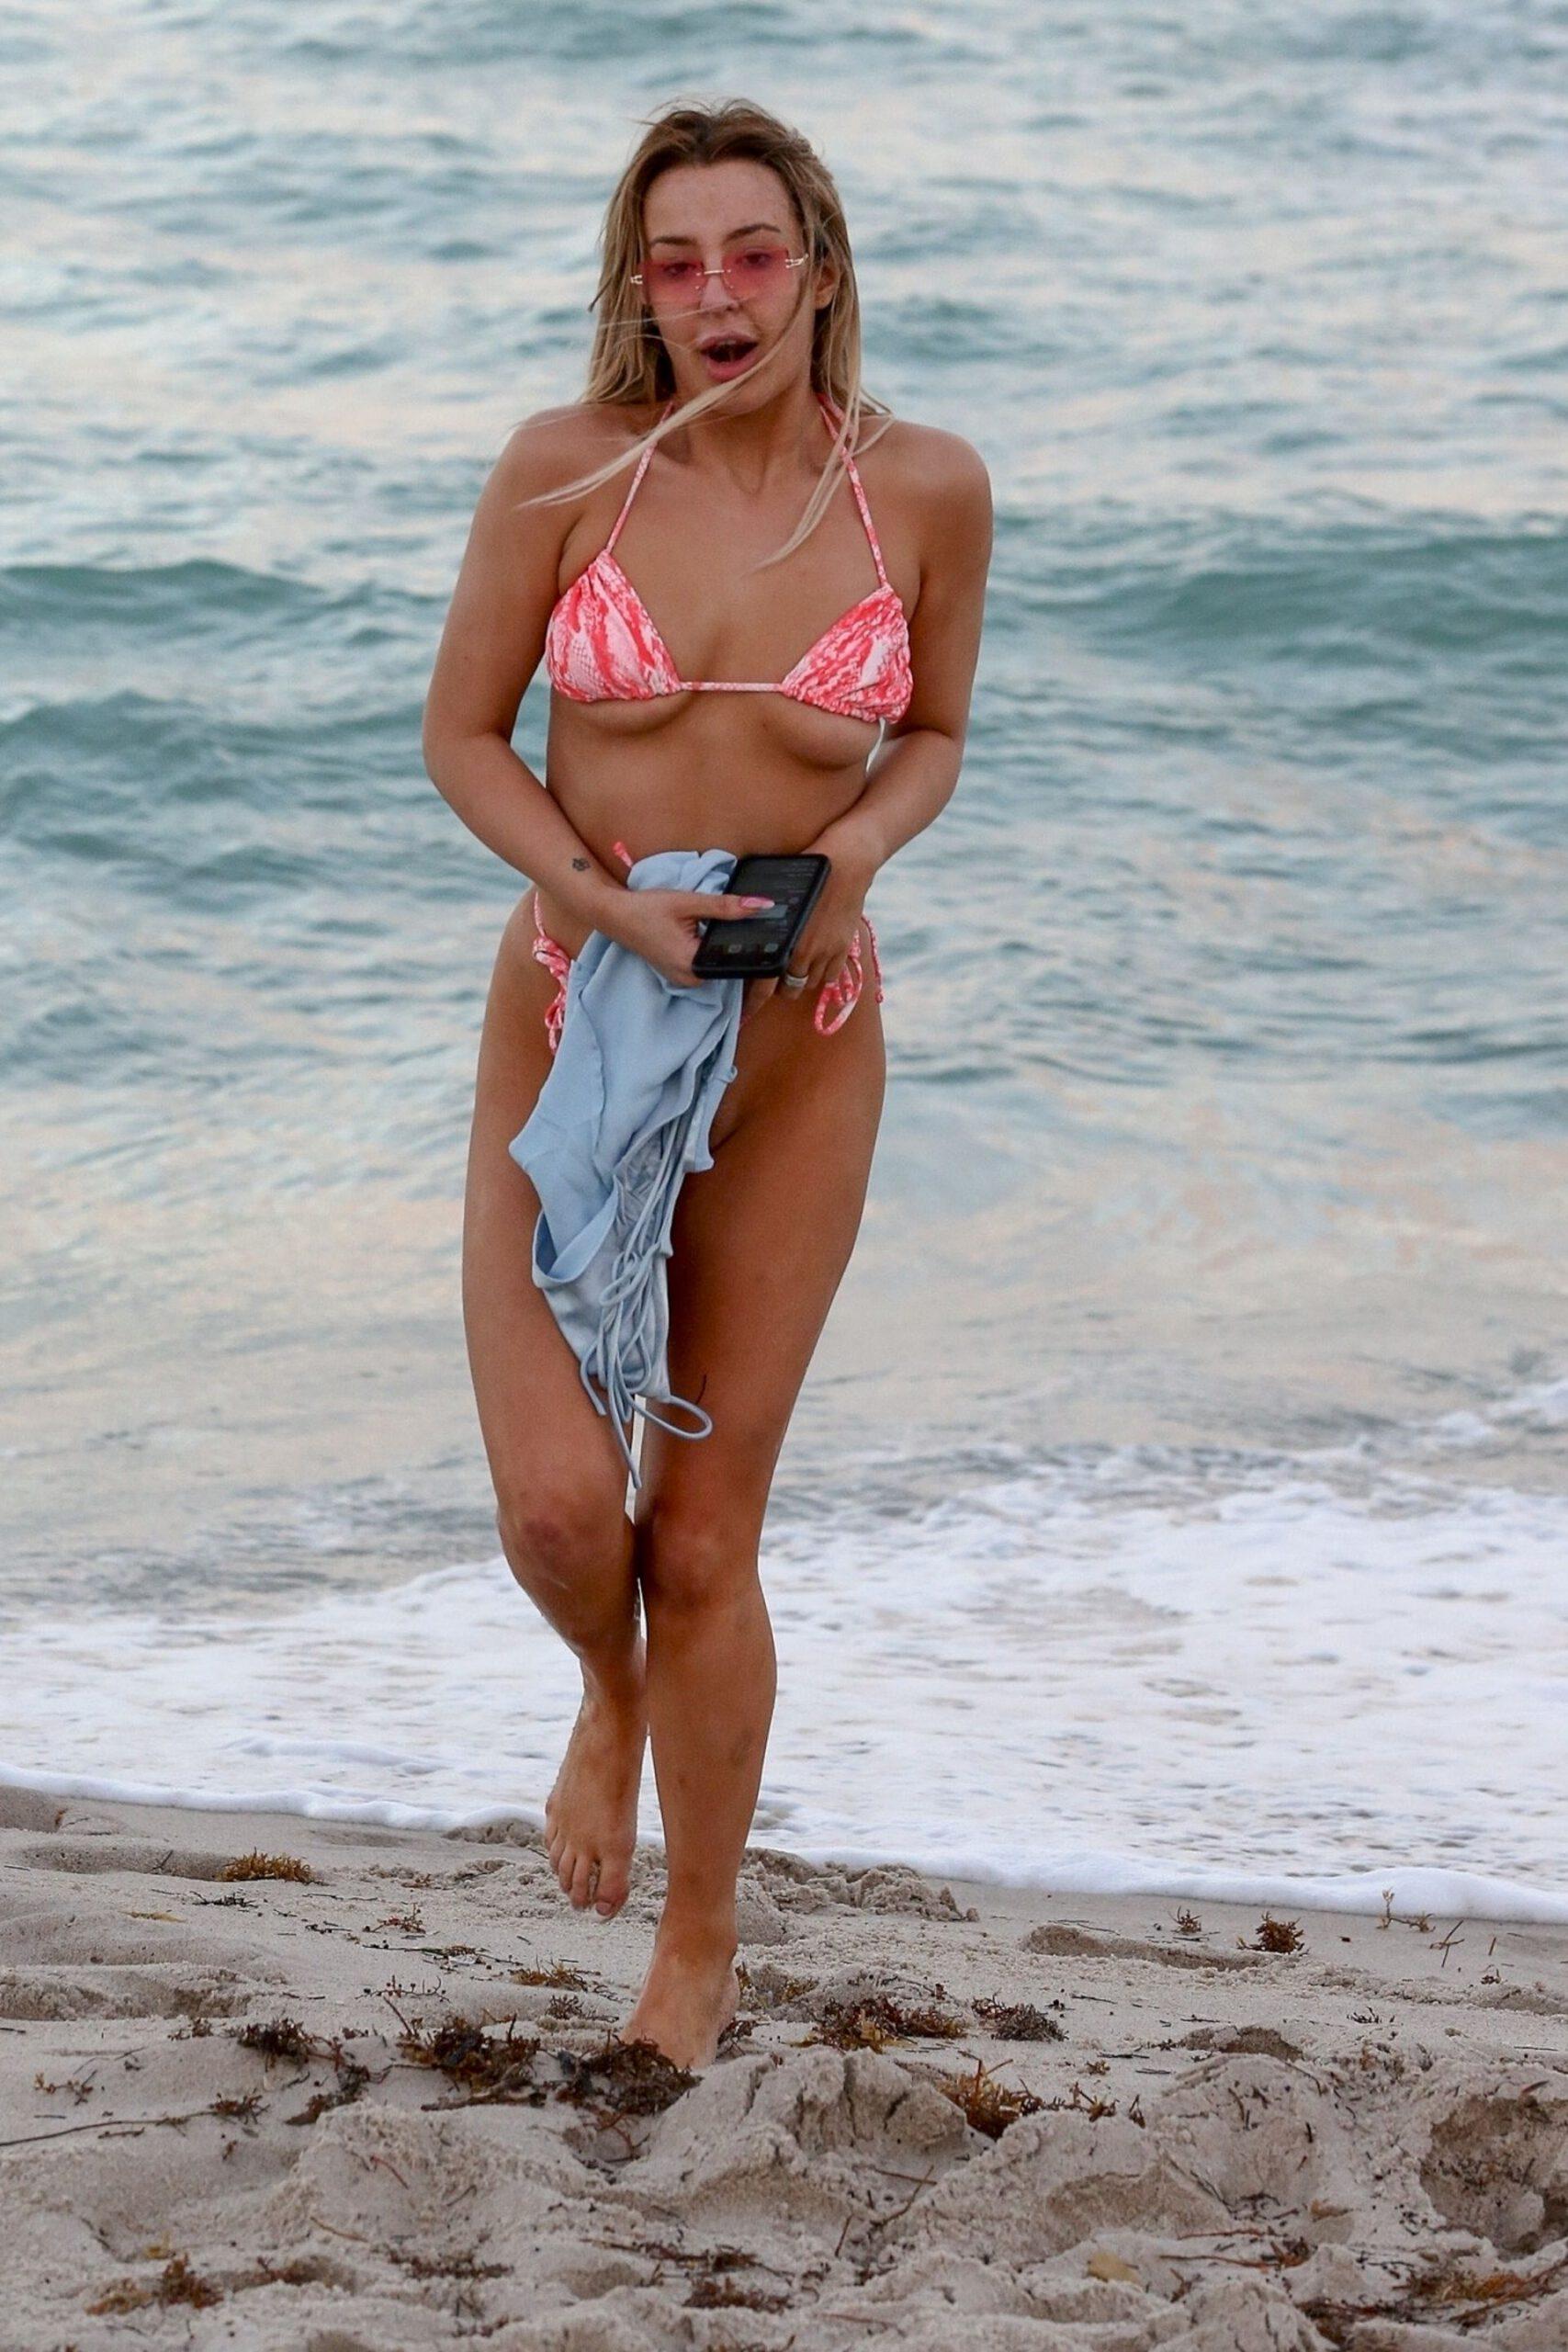 Tana Mongeau Tiny Bikini